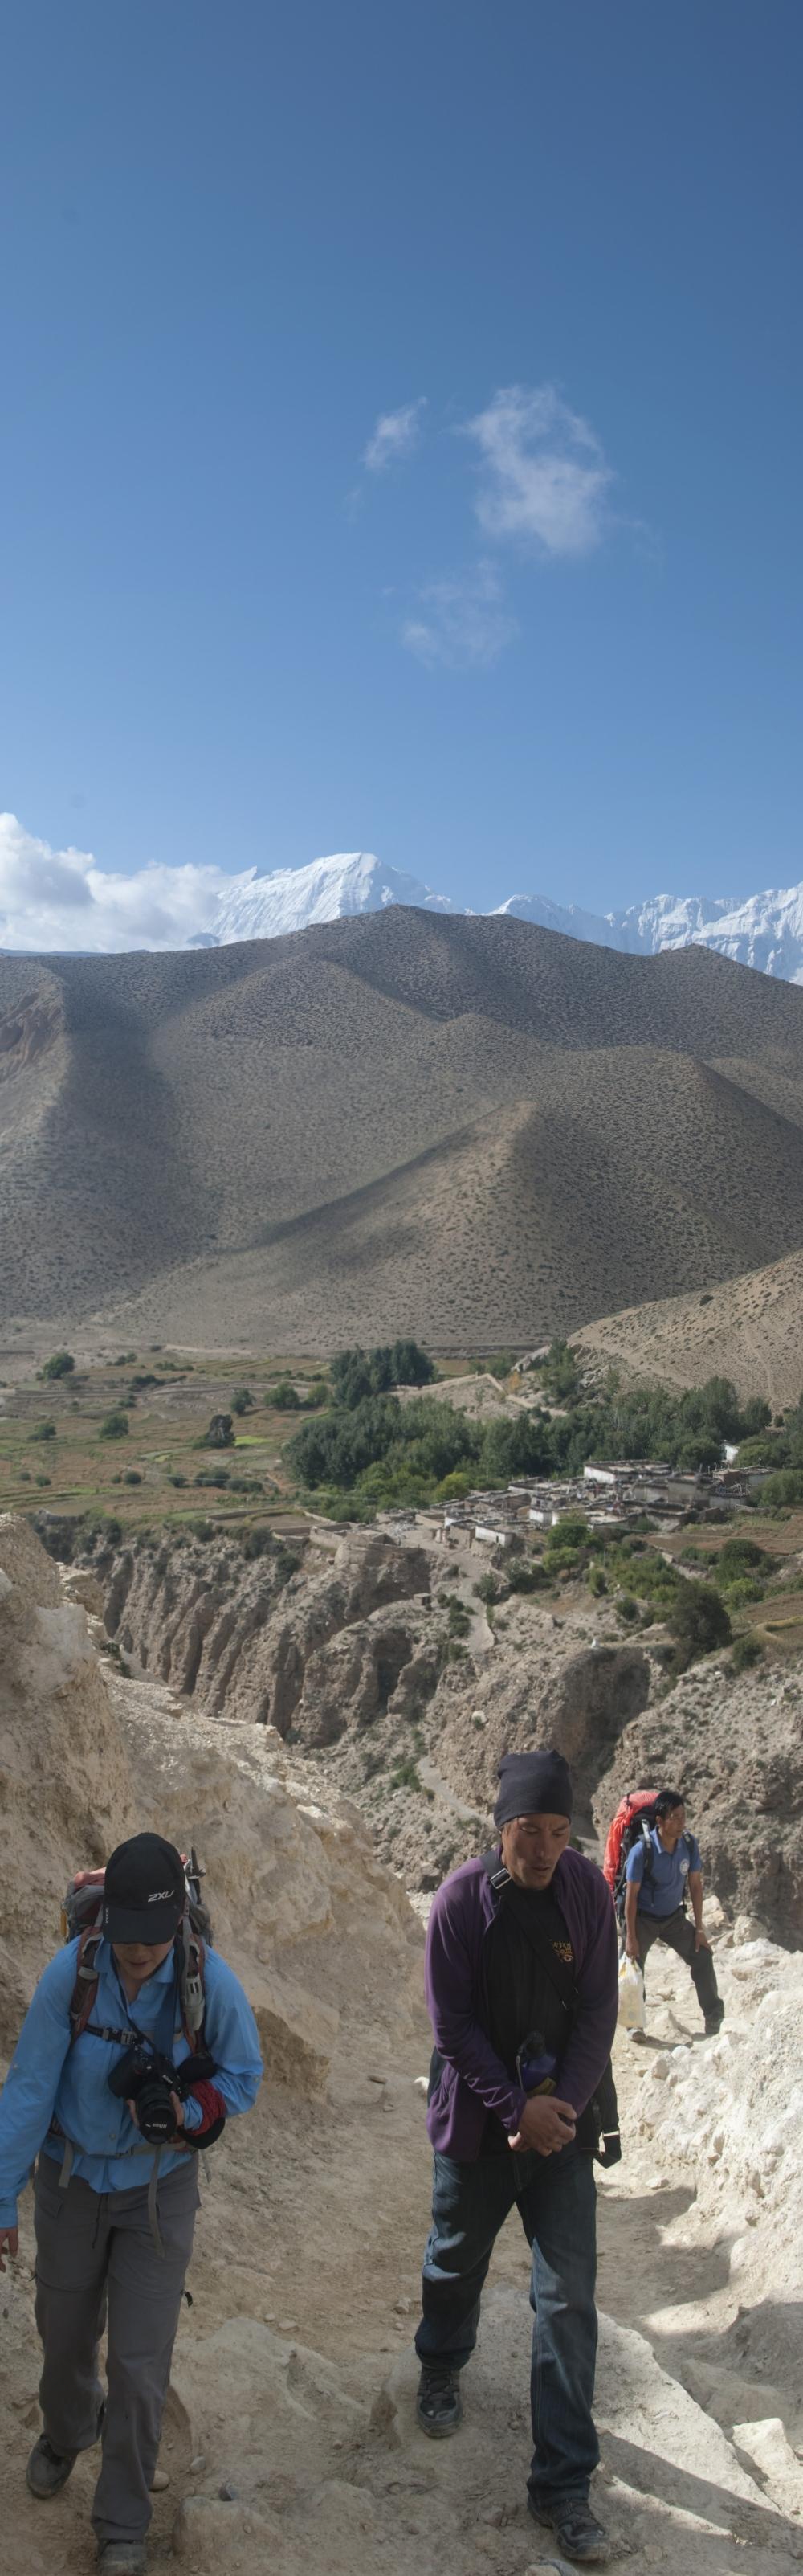 mustang-chele-trekking